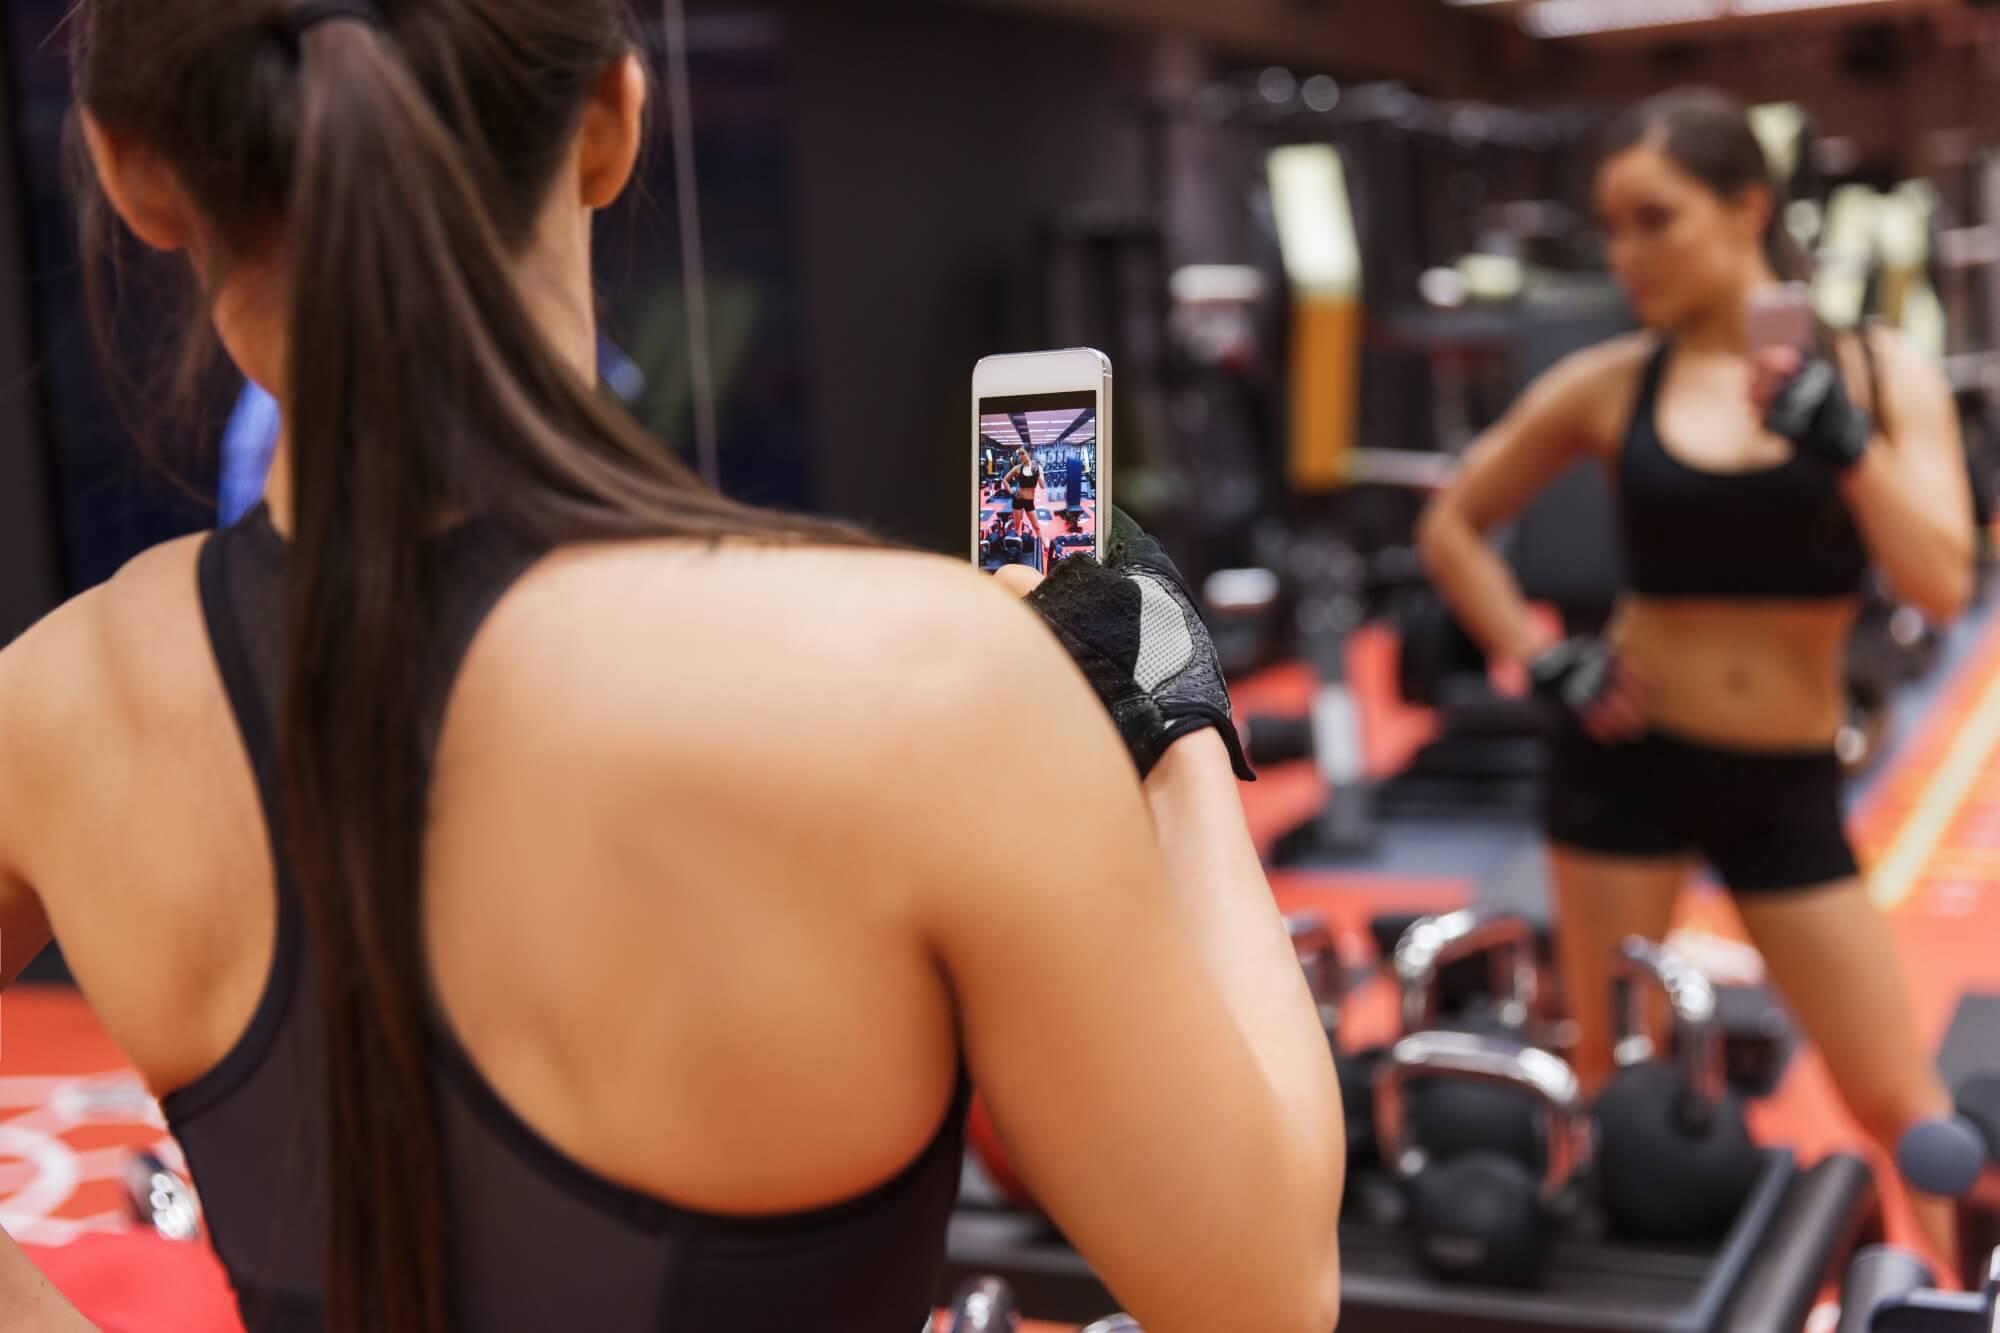 Hinterfrage den Fitness-Boom